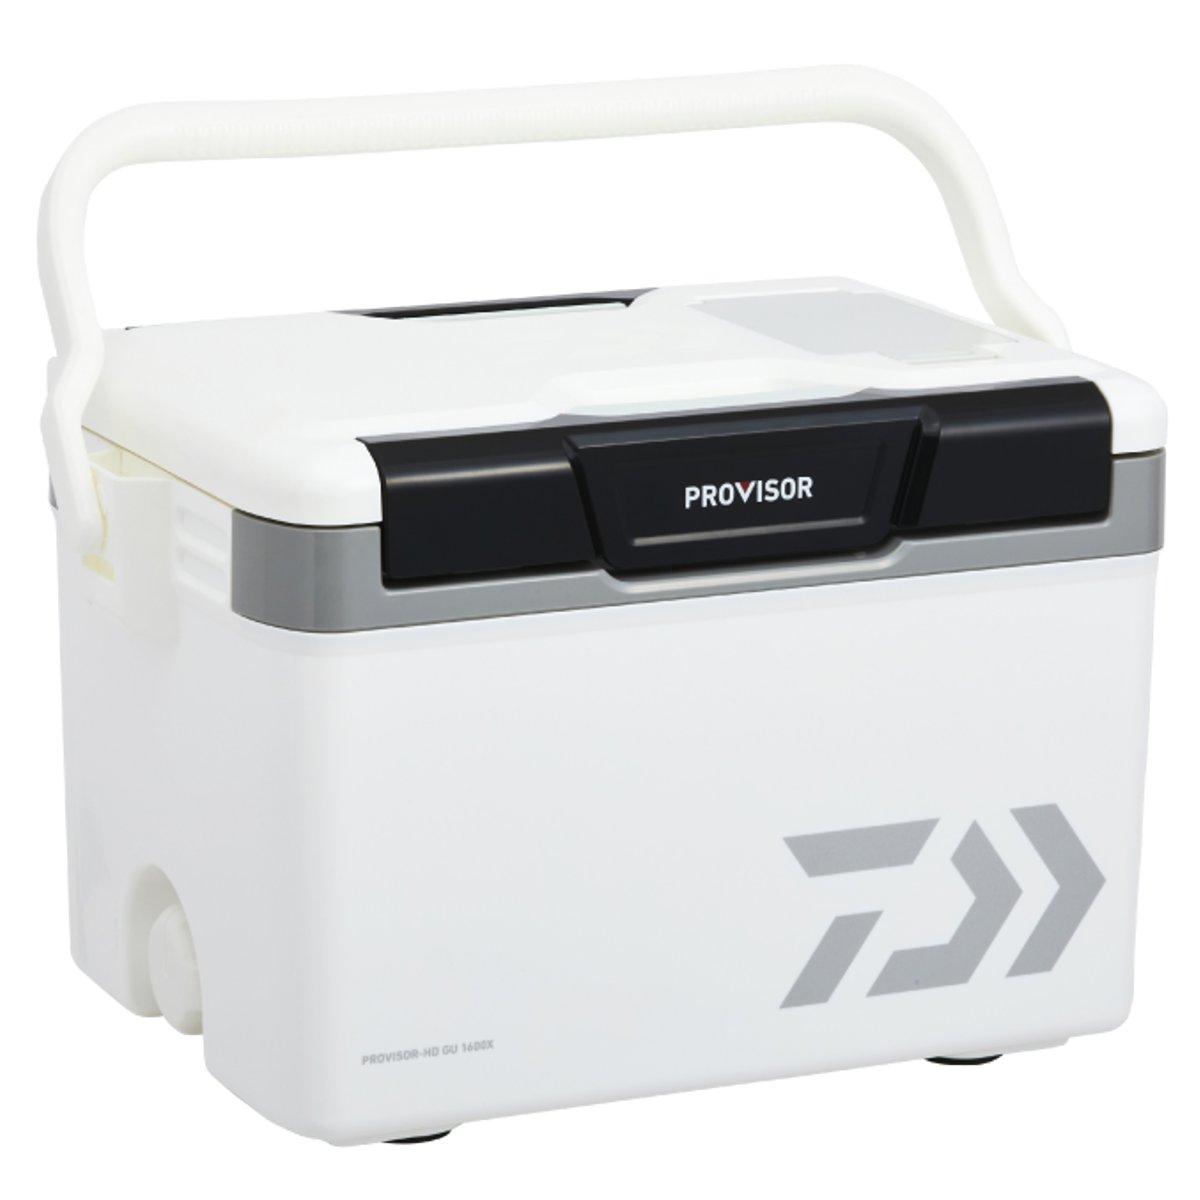 ダイワ プロバイザー HD GU 1600X ブラック クーラーボックス(東日本店)【同梱不可】